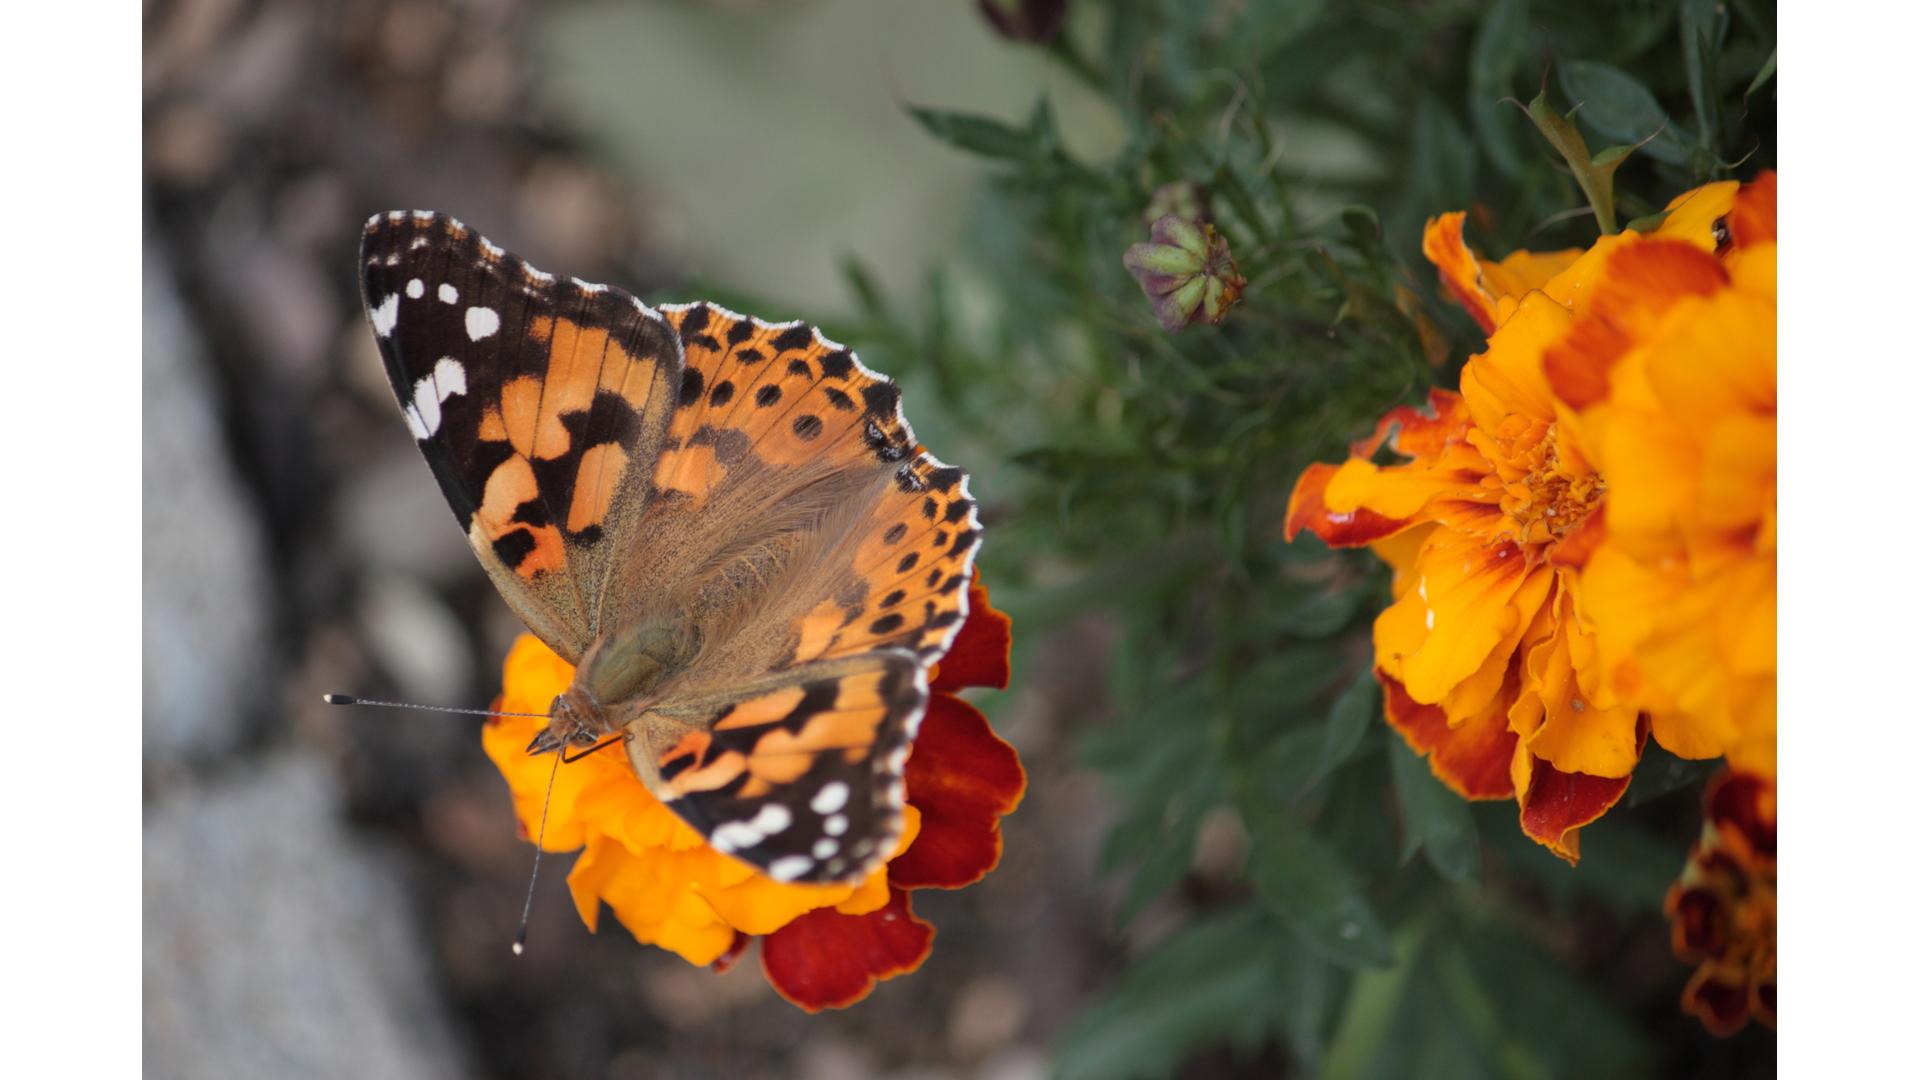 Eetbaar IJsselstein, Hooghe Camp tuin, tuinieren, natuur, IJsselstein, vlinders